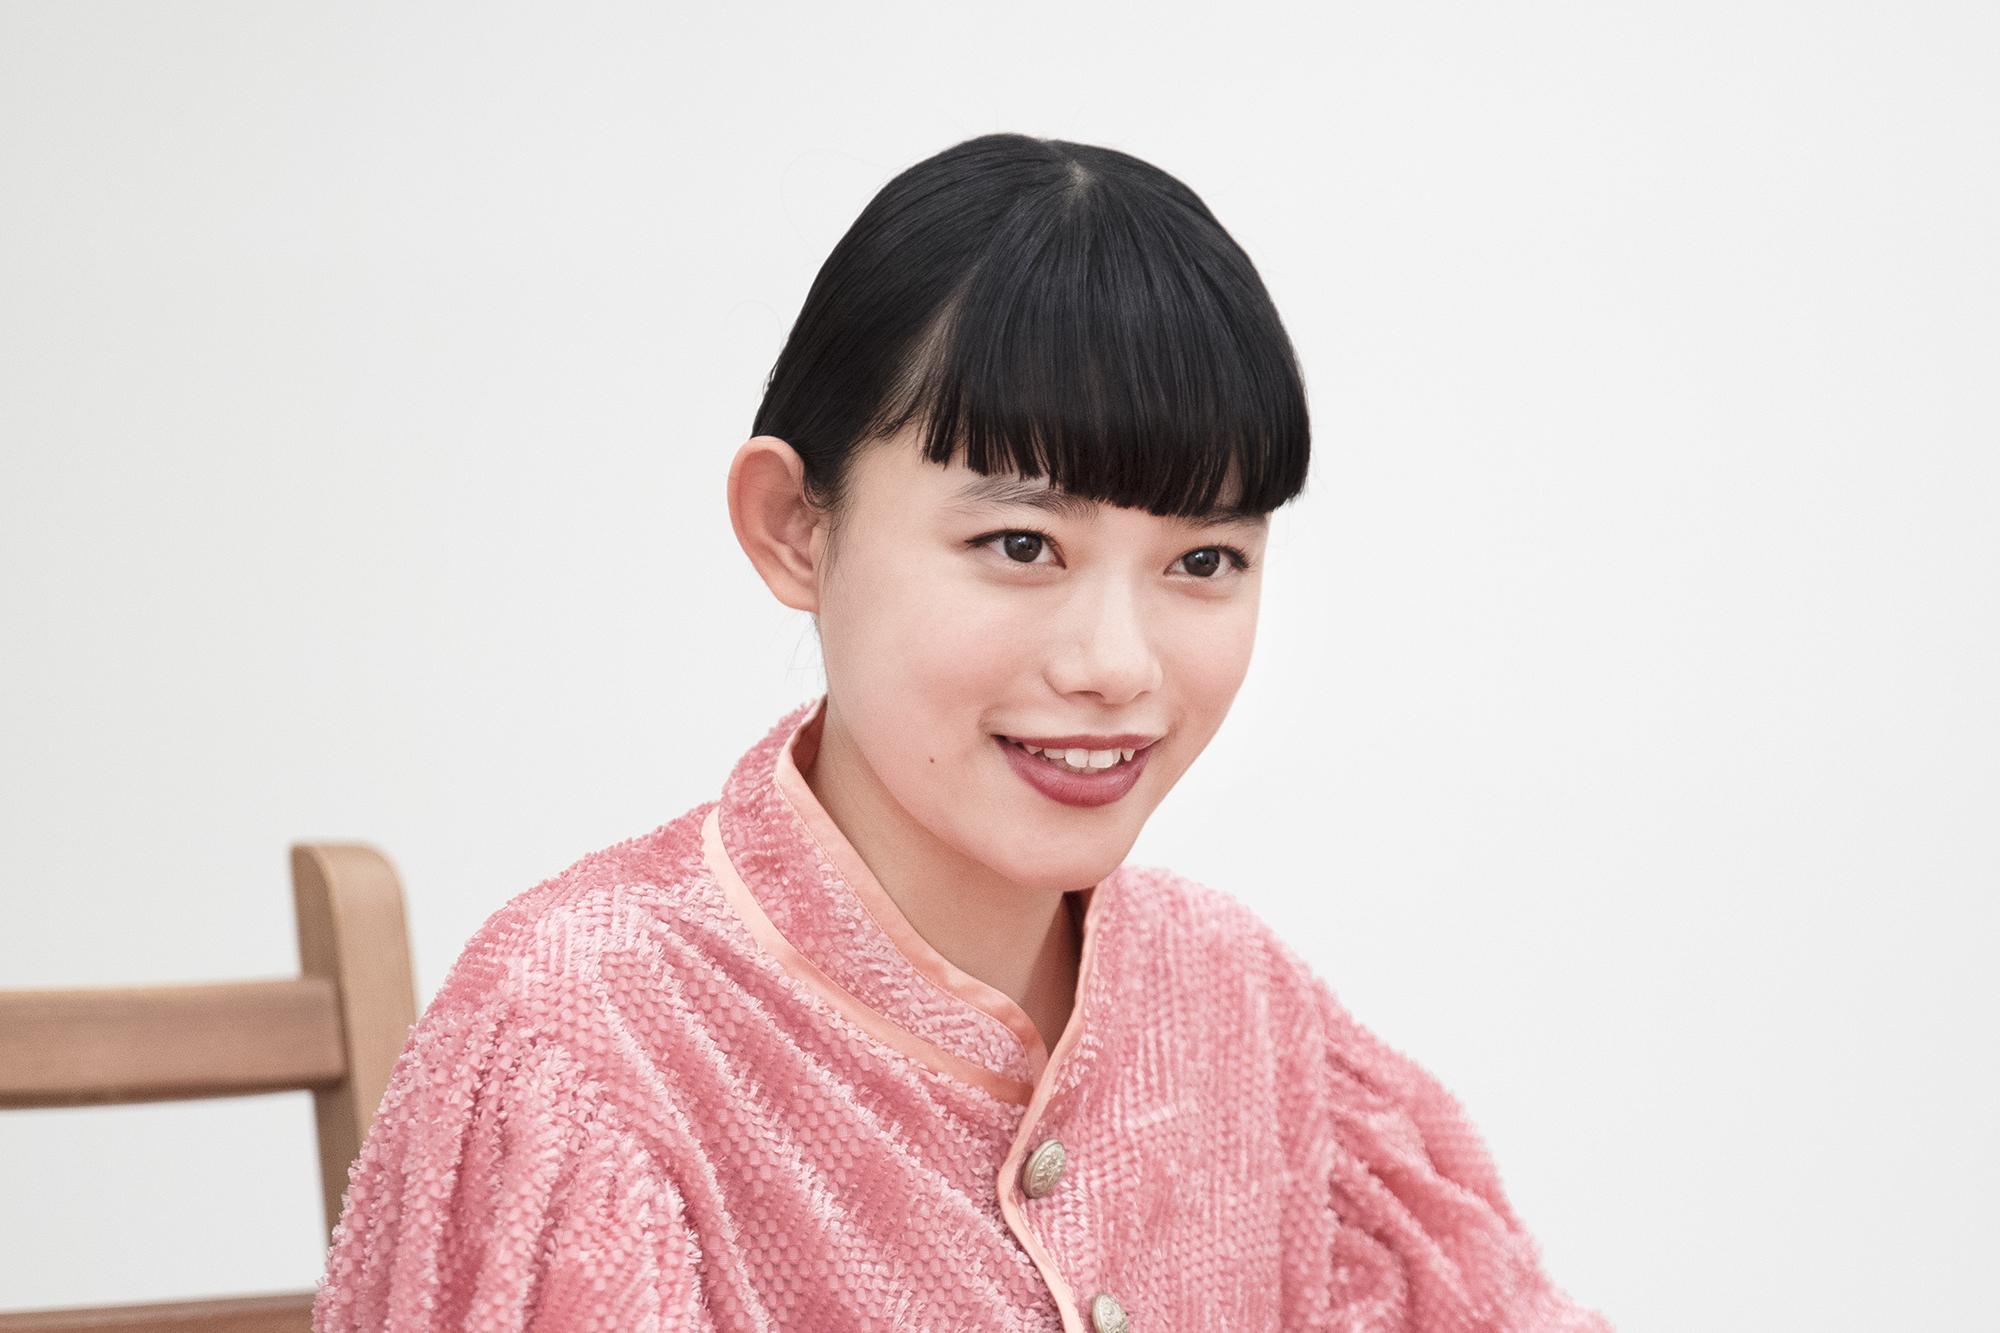 杉咲花さんインタビュー画像